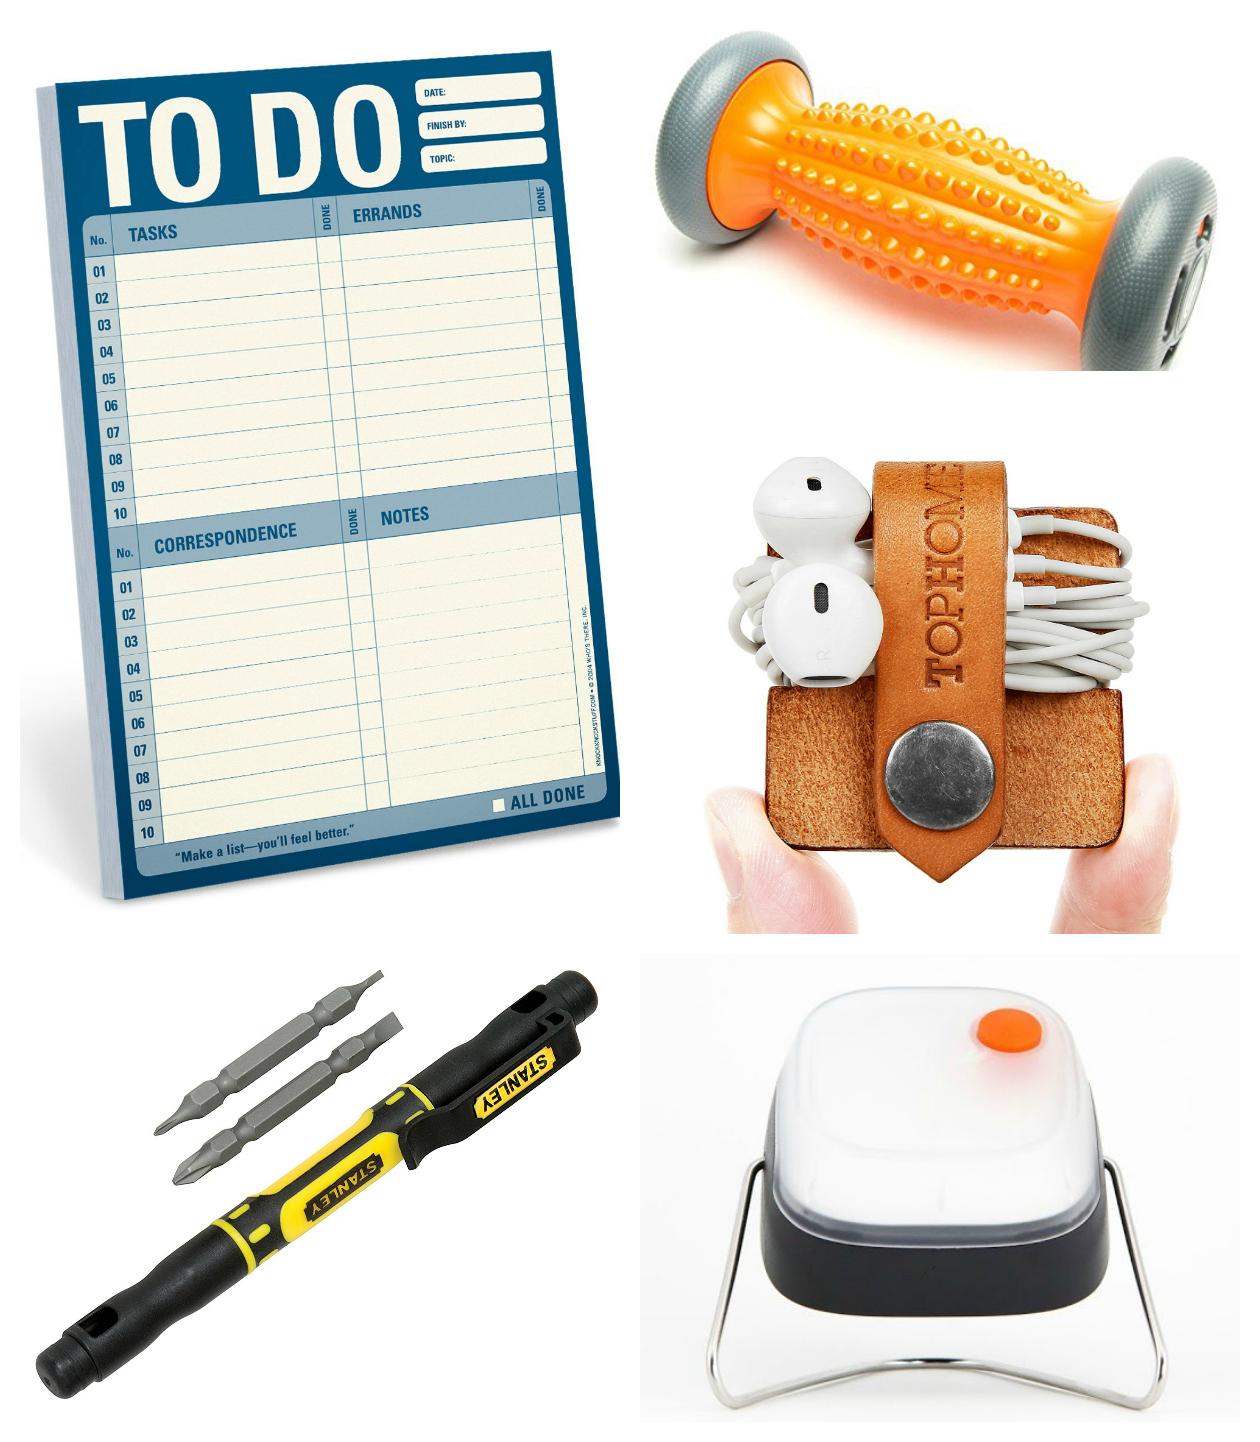 Stocking Stuffer Ideas for Men